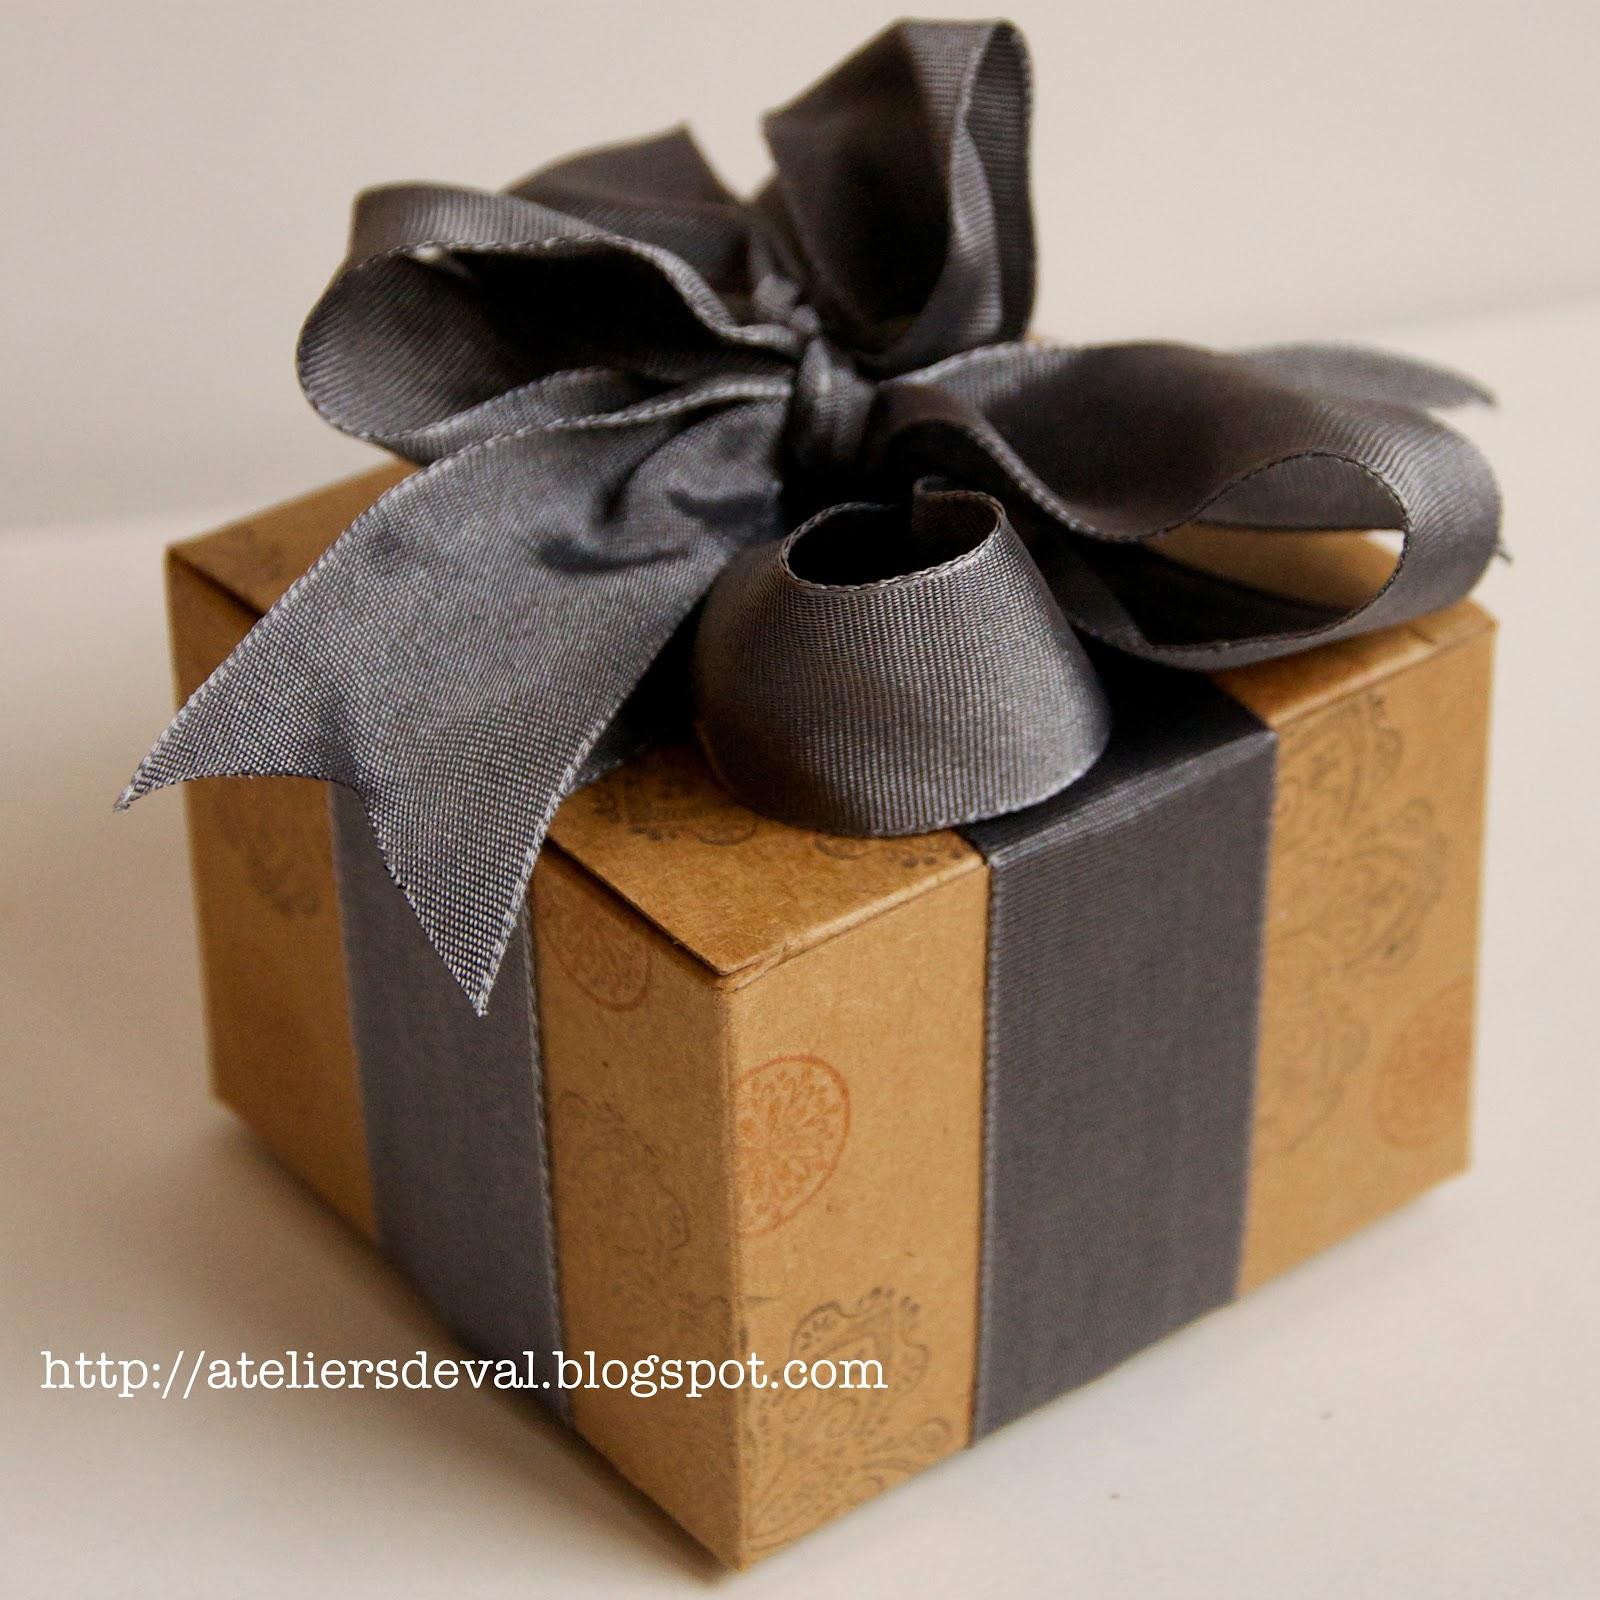 les ateliers de val boite cadeau. Black Bedroom Furniture Sets. Home Design Ideas